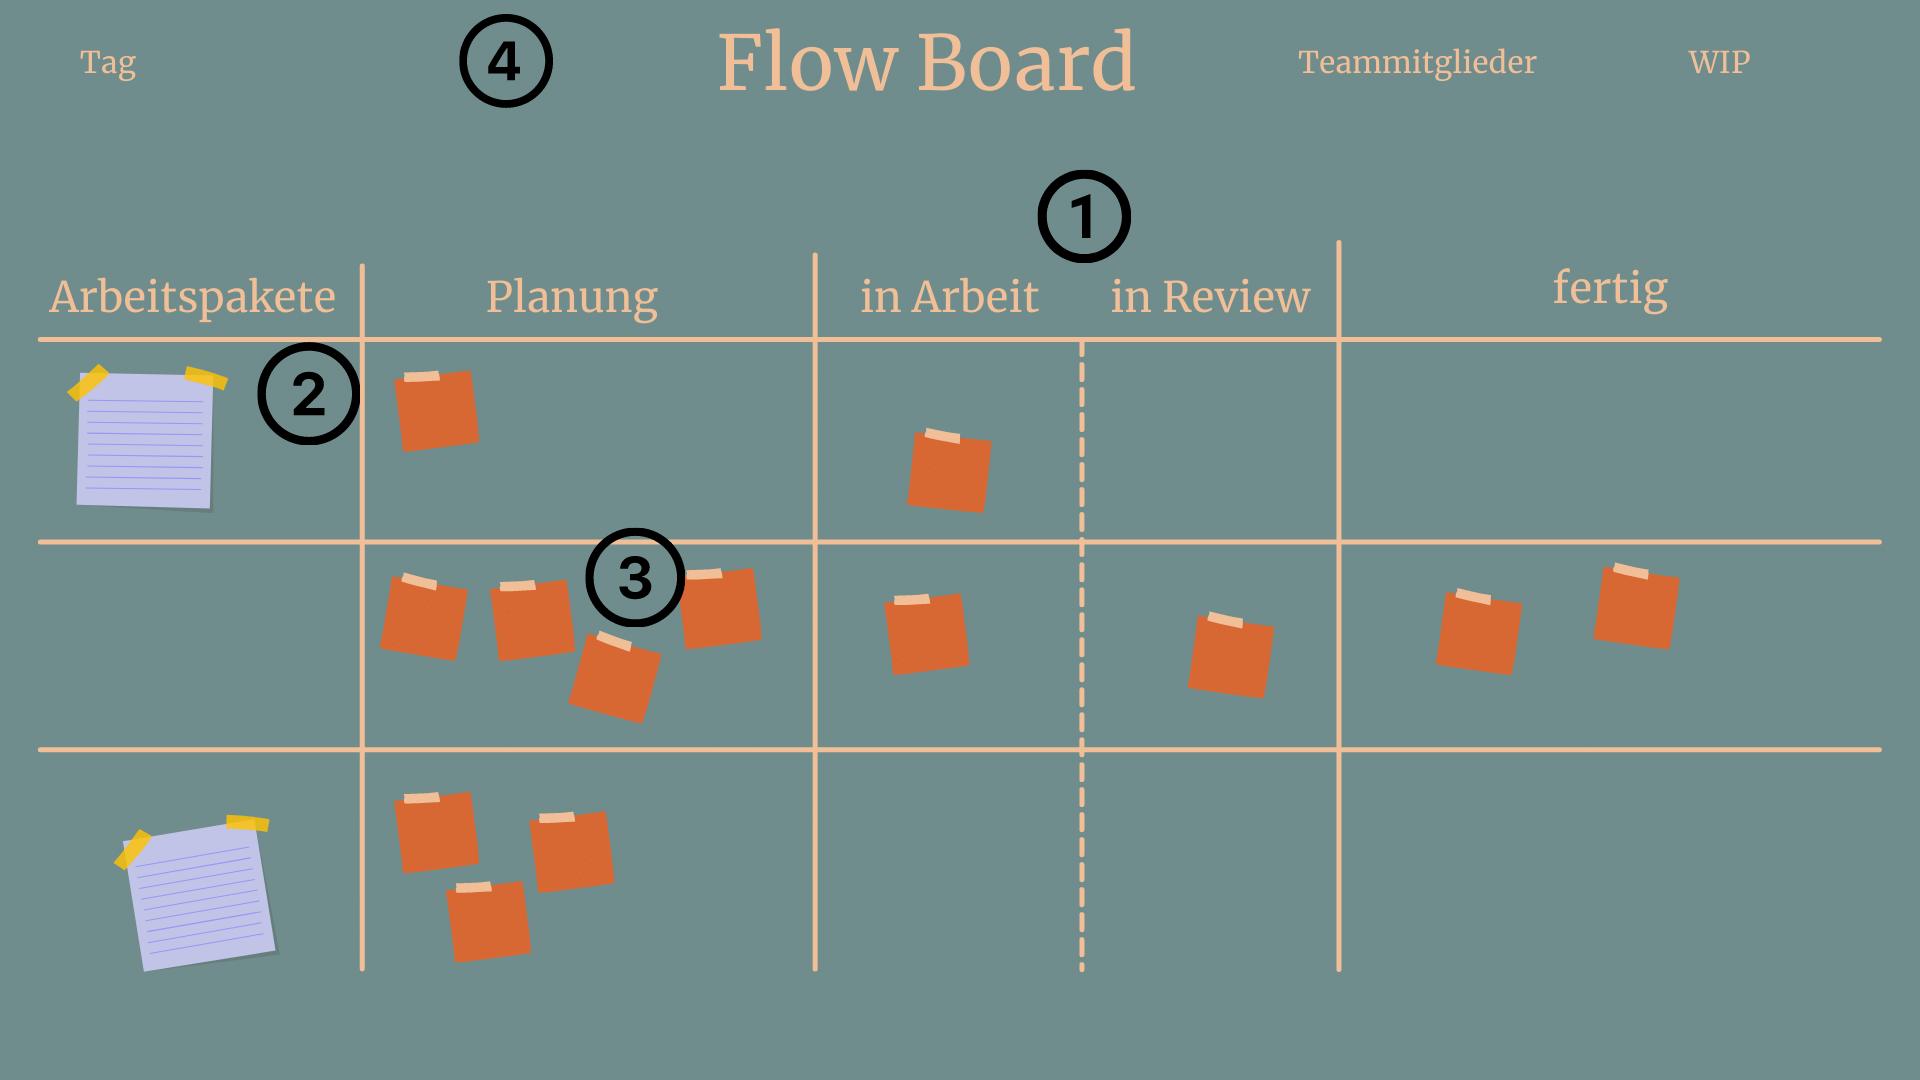 Arbeit am Flow Board aufnehmen